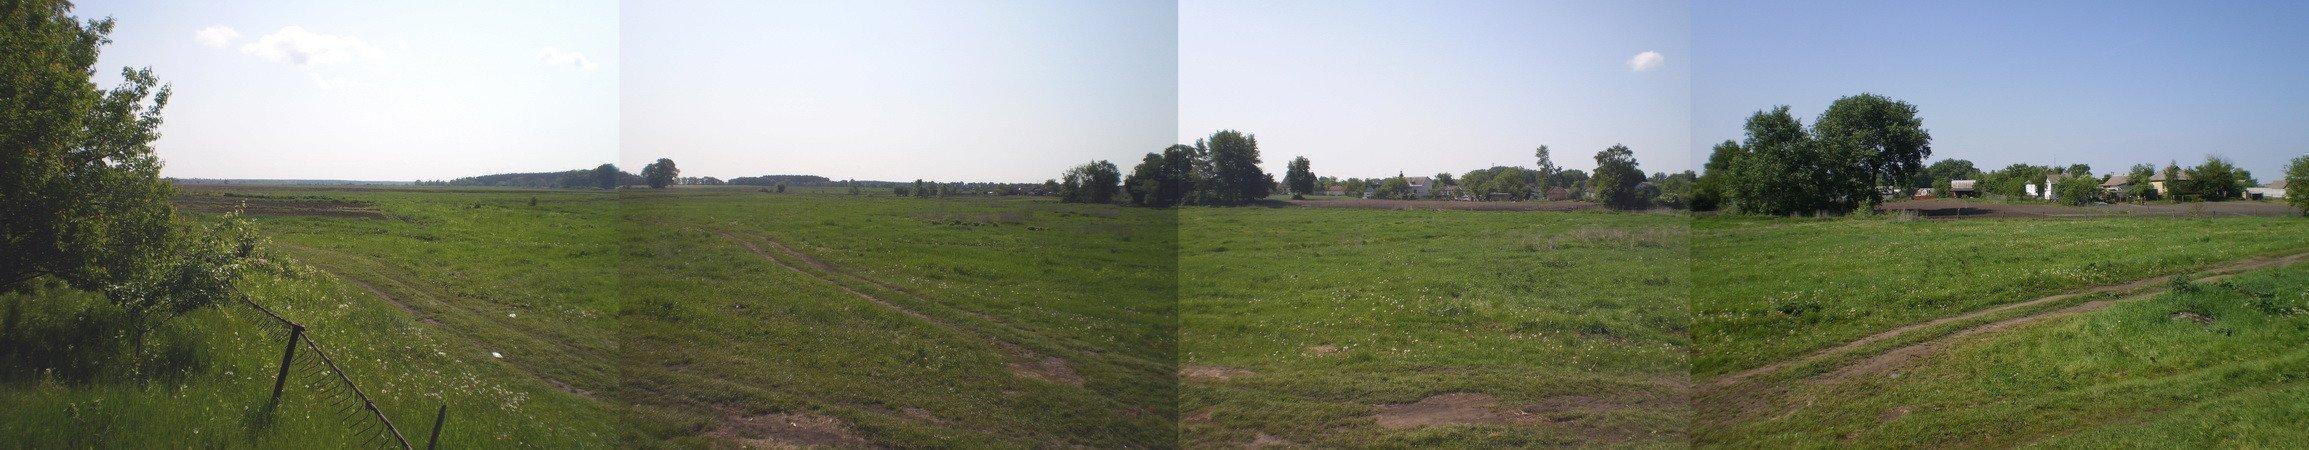 Продам земельный участок в городе Волошиновка. Объявление № 4797